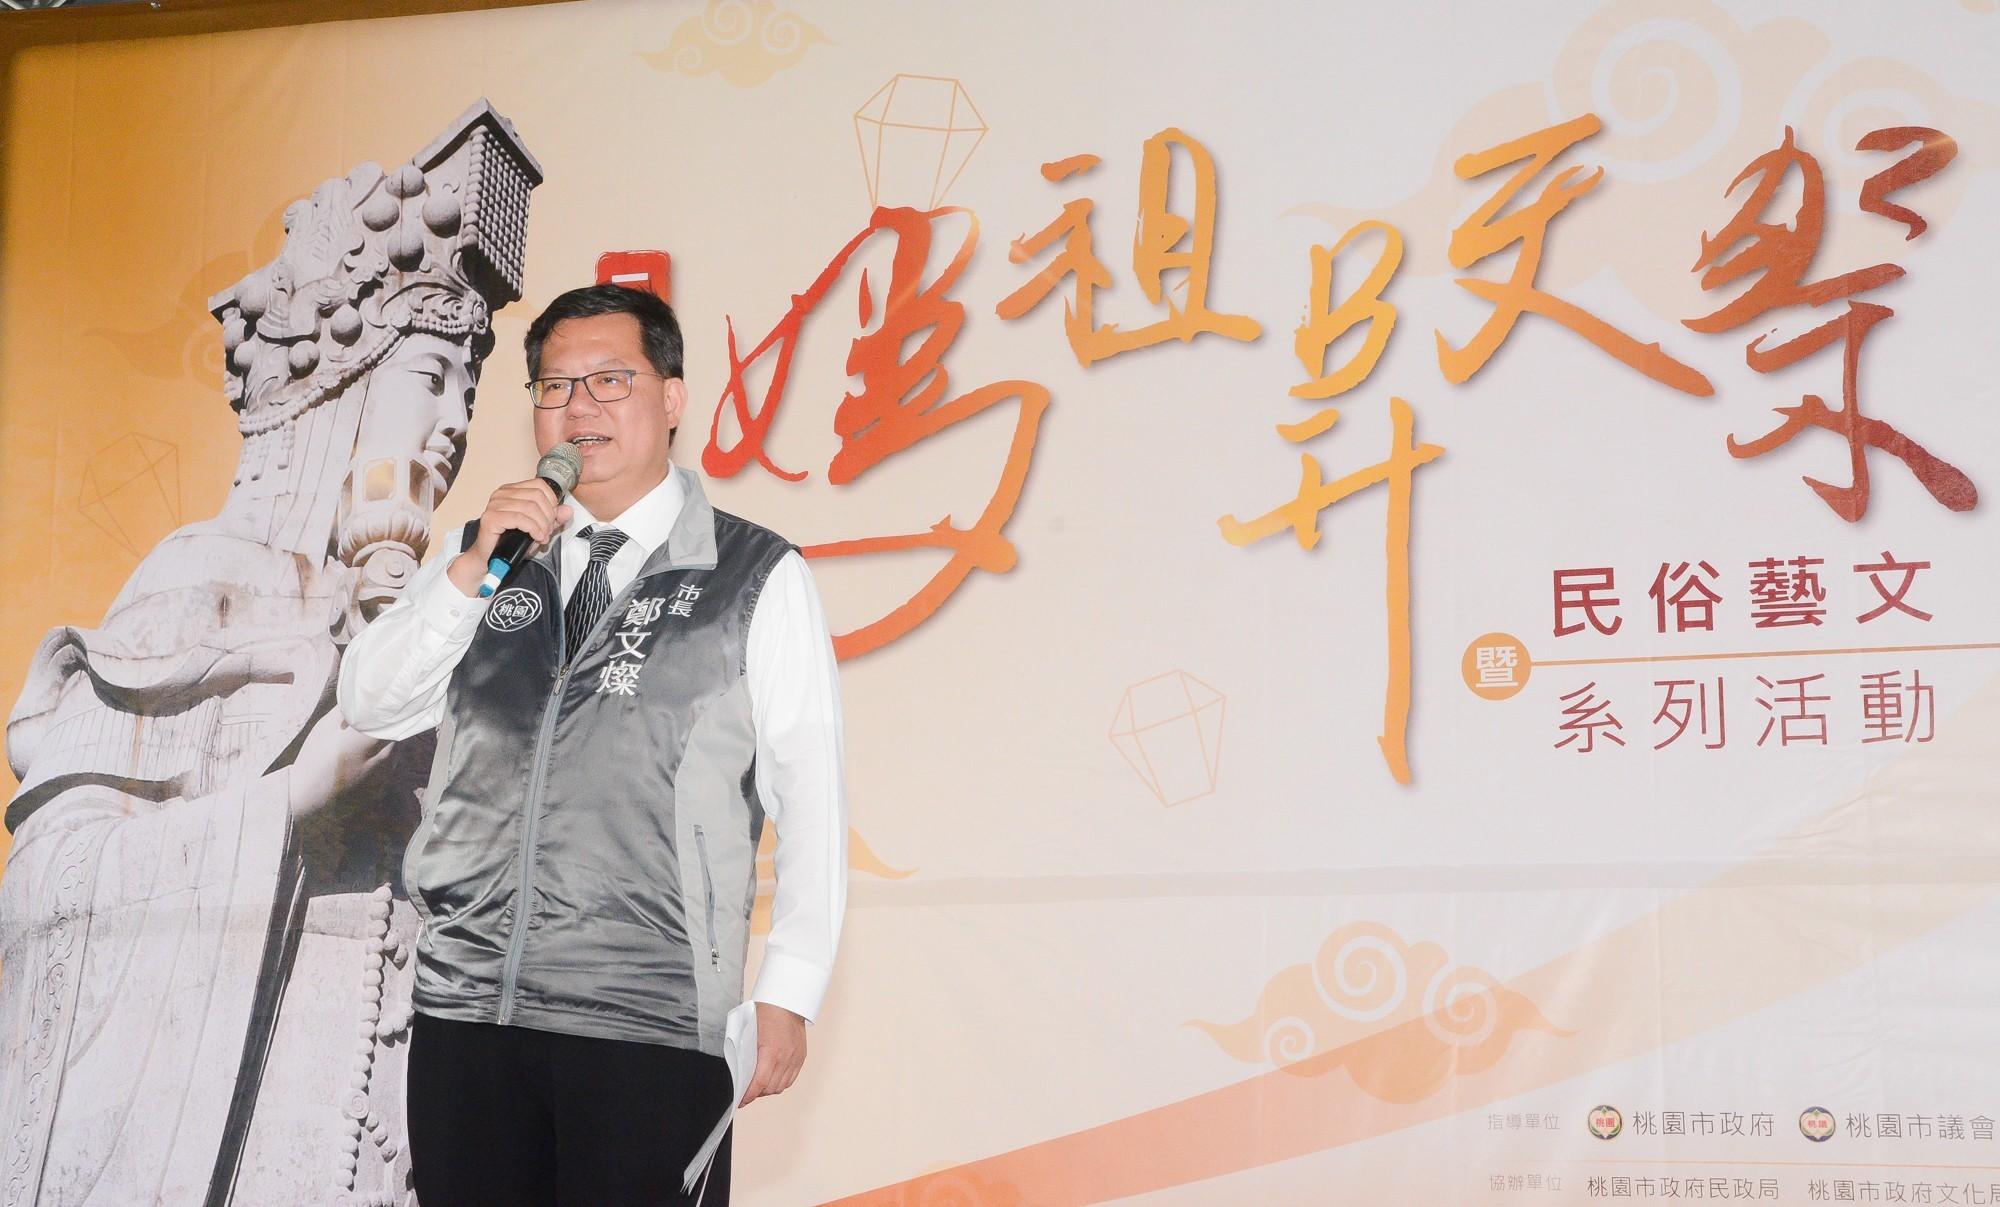 市長致詞表示,媽祖昇天祭成為台灣和馬祖宗教聯繫最好的橋梁